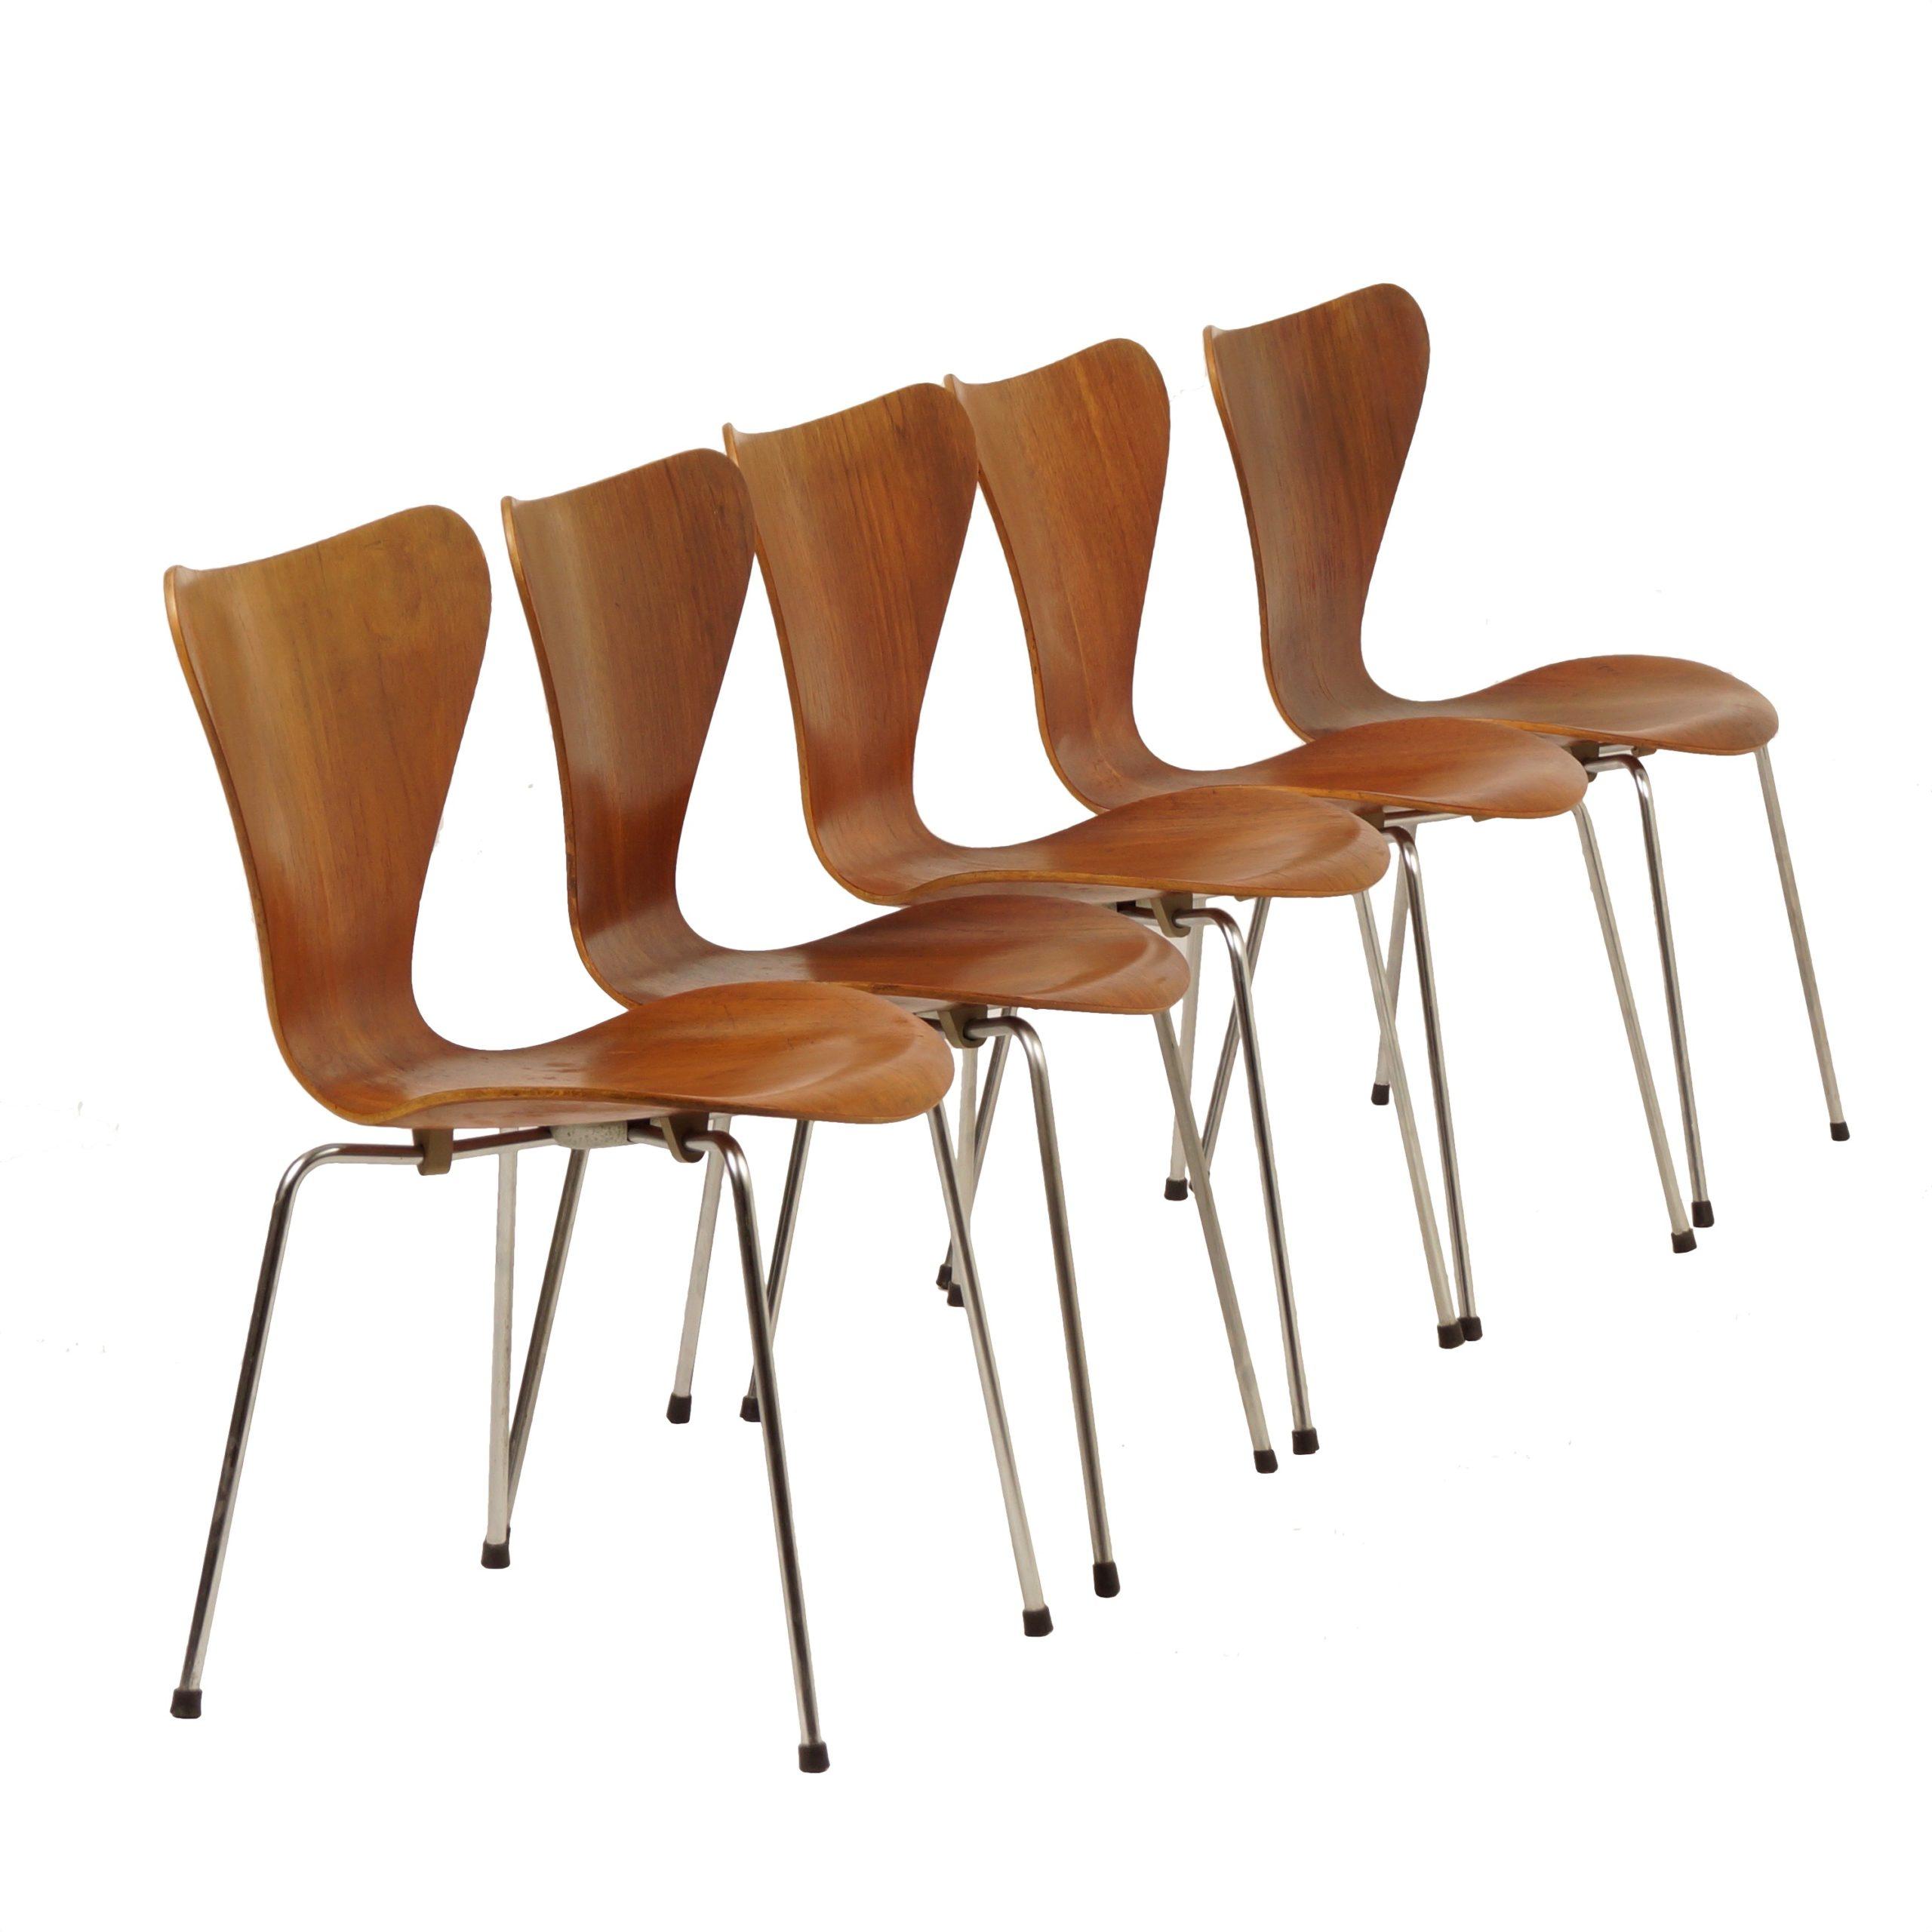 Excellent Butterfly Chairs By Arne Jacobsen For Fritz Hansen 50S Inzonedesignstudio Interior Chair Design Inzonedesignstudiocom